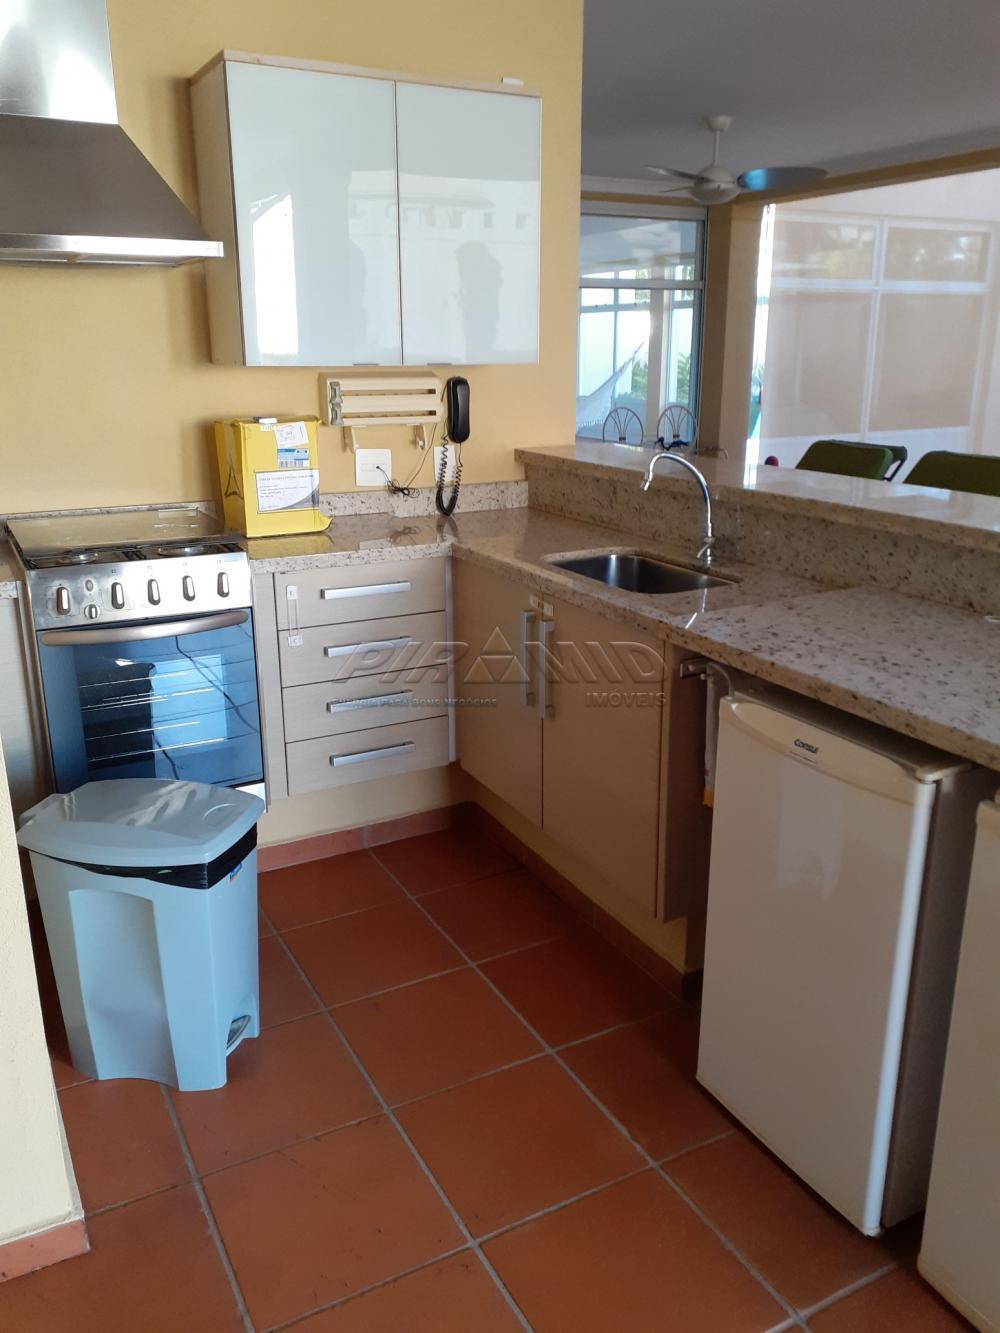 Comprar Casa / Condomínio em Ribeirão Preto apenas R$ 4.800.000,00 - Foto 37